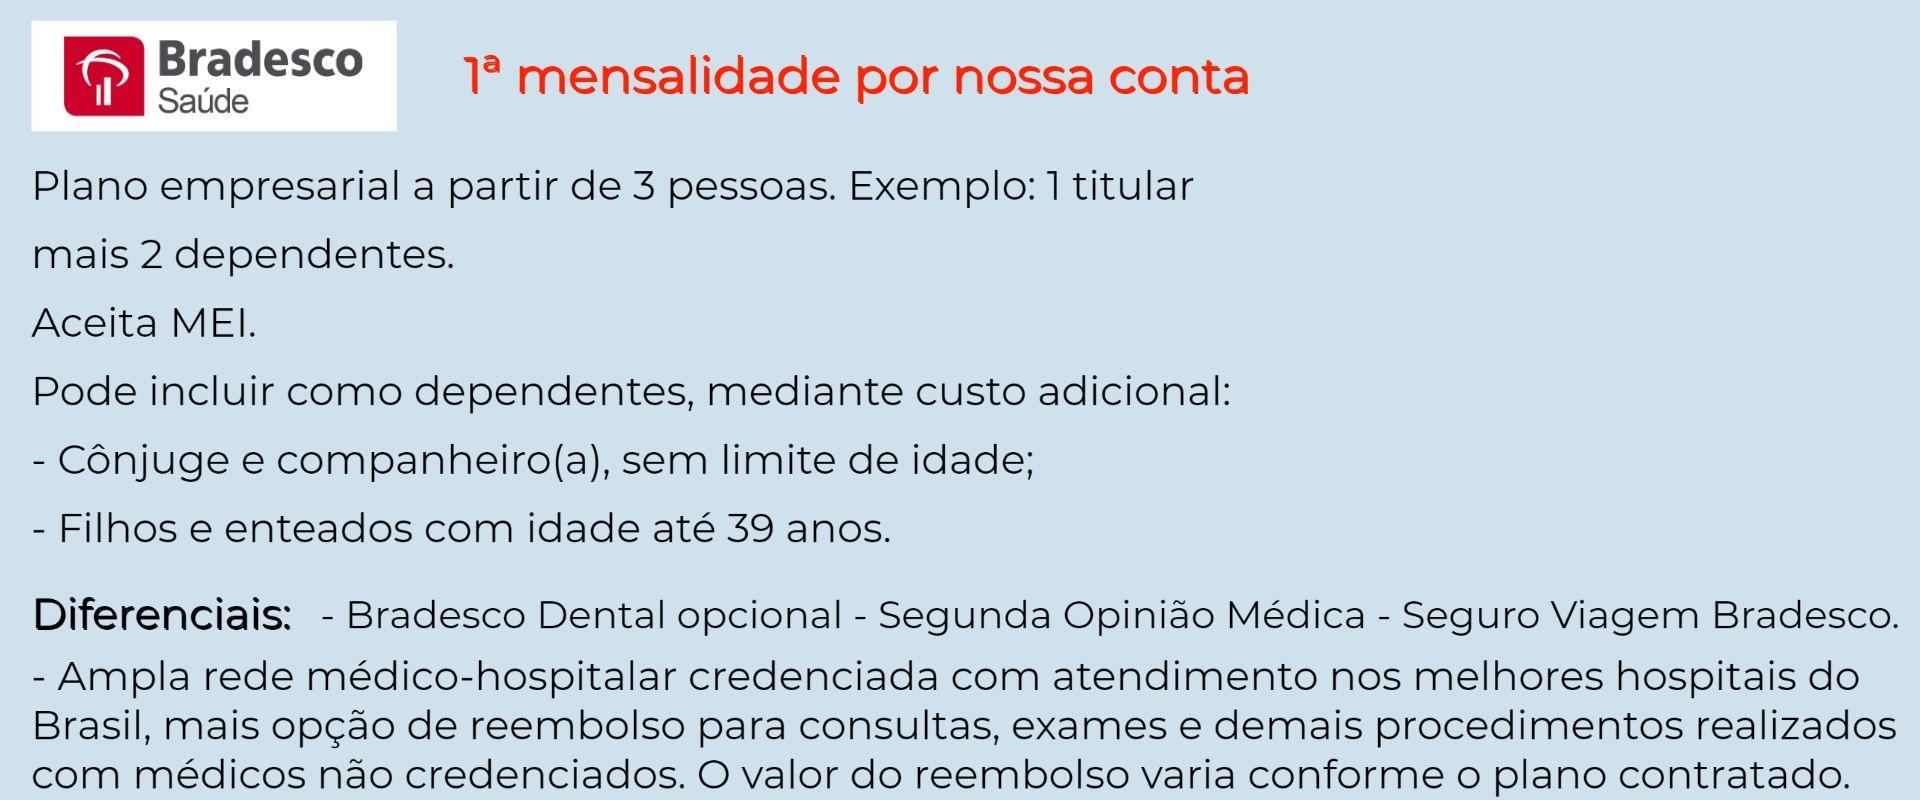 Bradesco Saúde Empresarial -  Campo Formoso